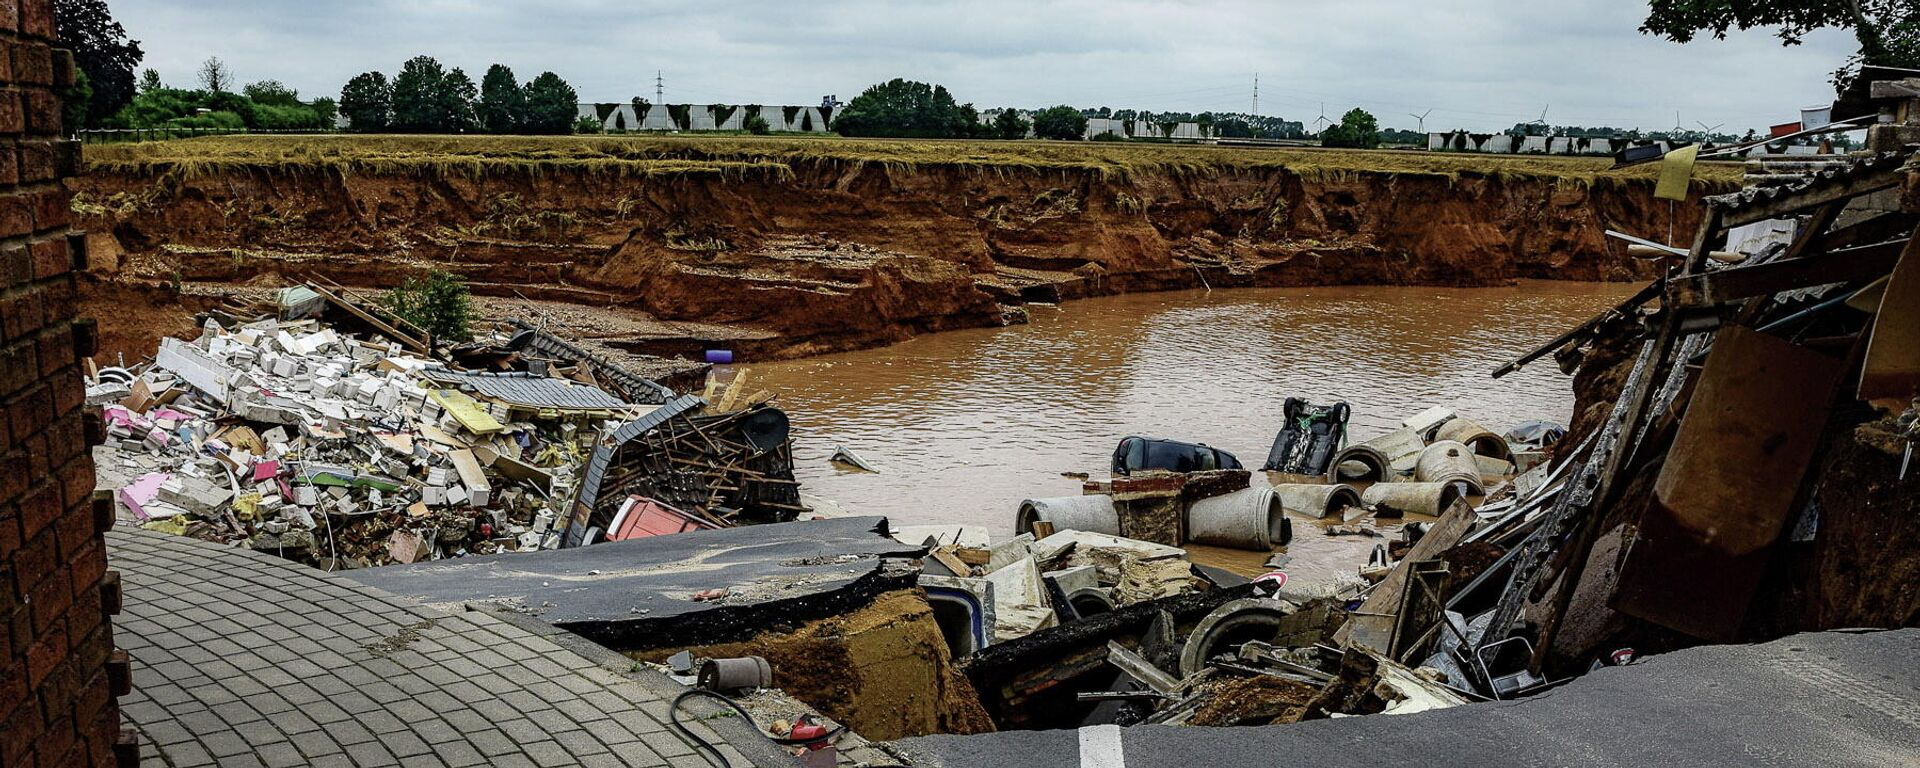 Folgen der Überschwemmungen in Erftstadt - SNA, 1920, 16.07.2021